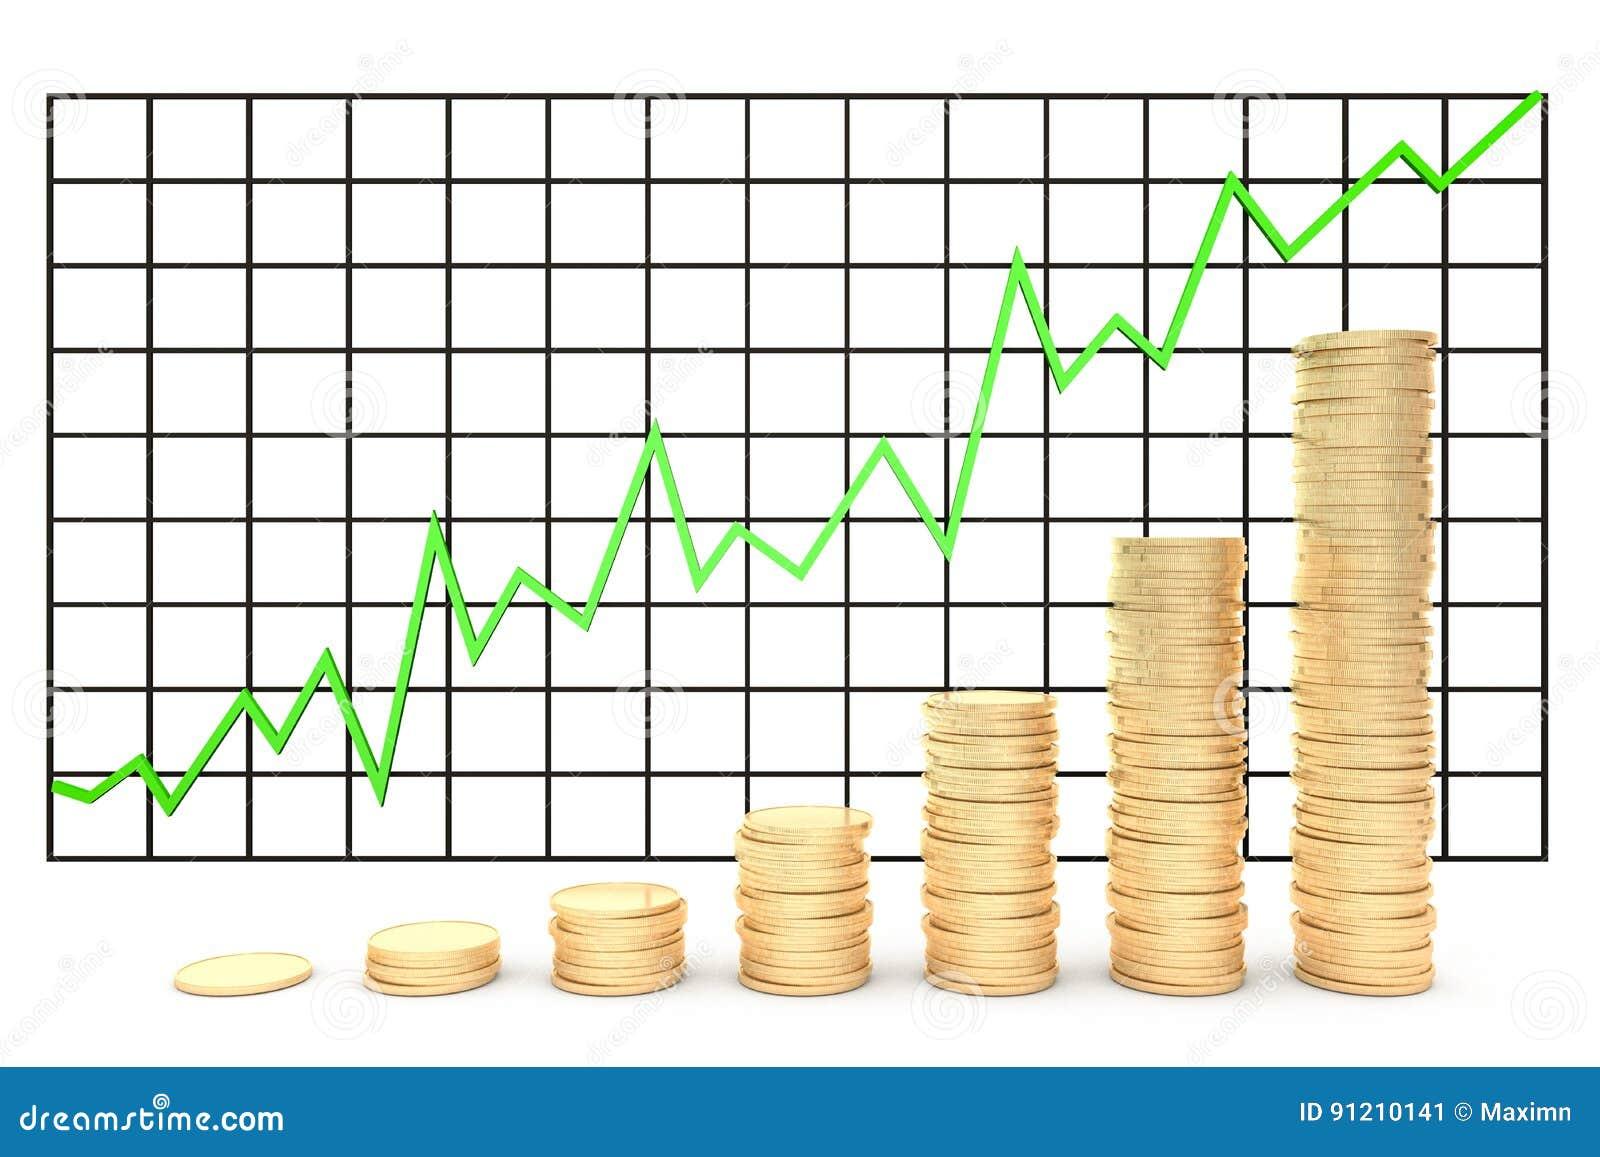 τρισδιάστατη απεικόνιση: Χαλκός-χρυσό χρηματιστήριο διαγραμμάτων γραφικών παραστάσεων νομισμάτων μετάλλων με τη Πράσινη Γραμμή -